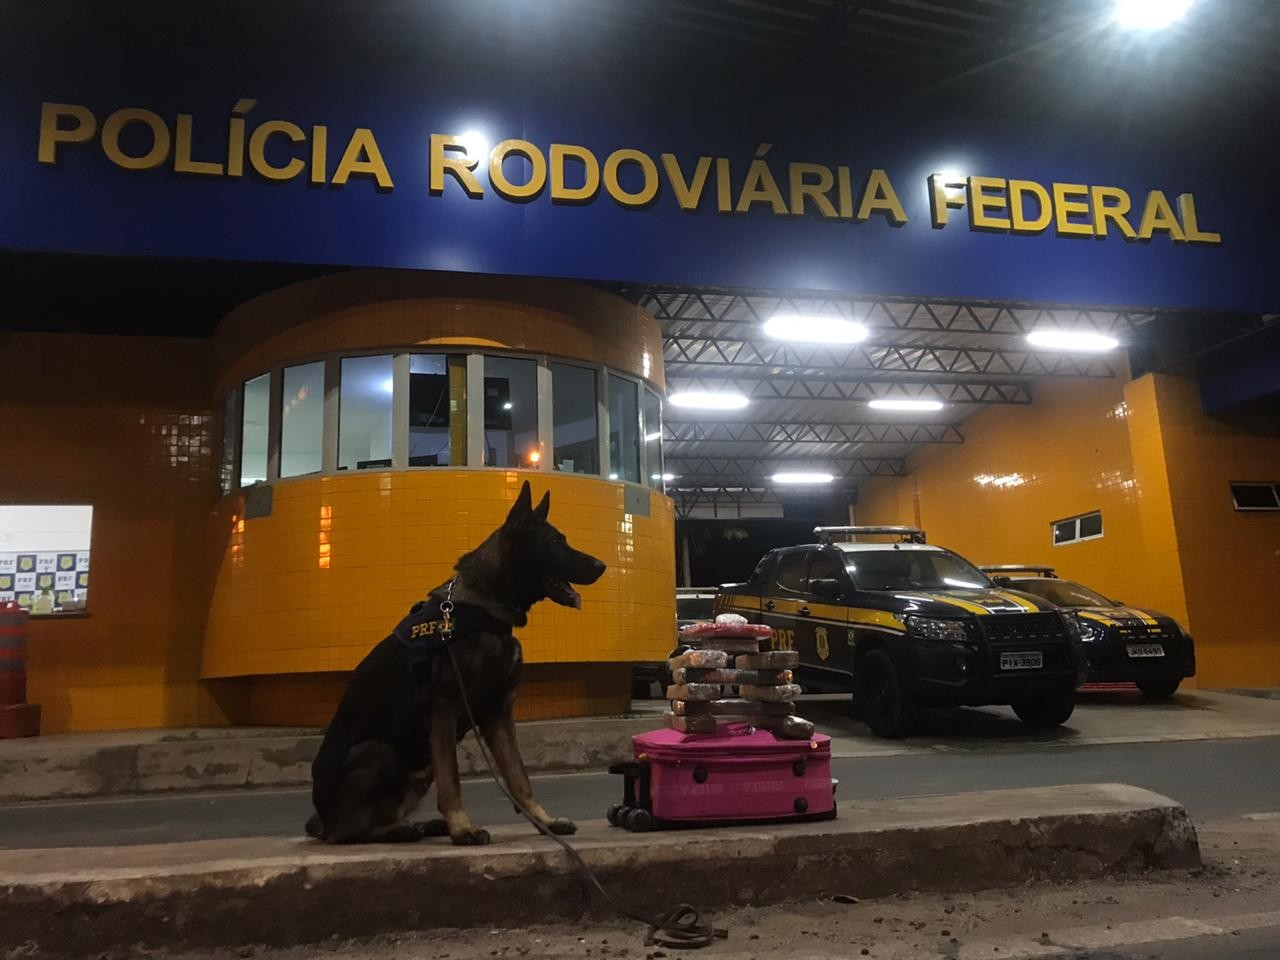 Cão farejador da PRF localiza 7 kg de maconha e 1 kg de cocaína em ônibus em Floriano